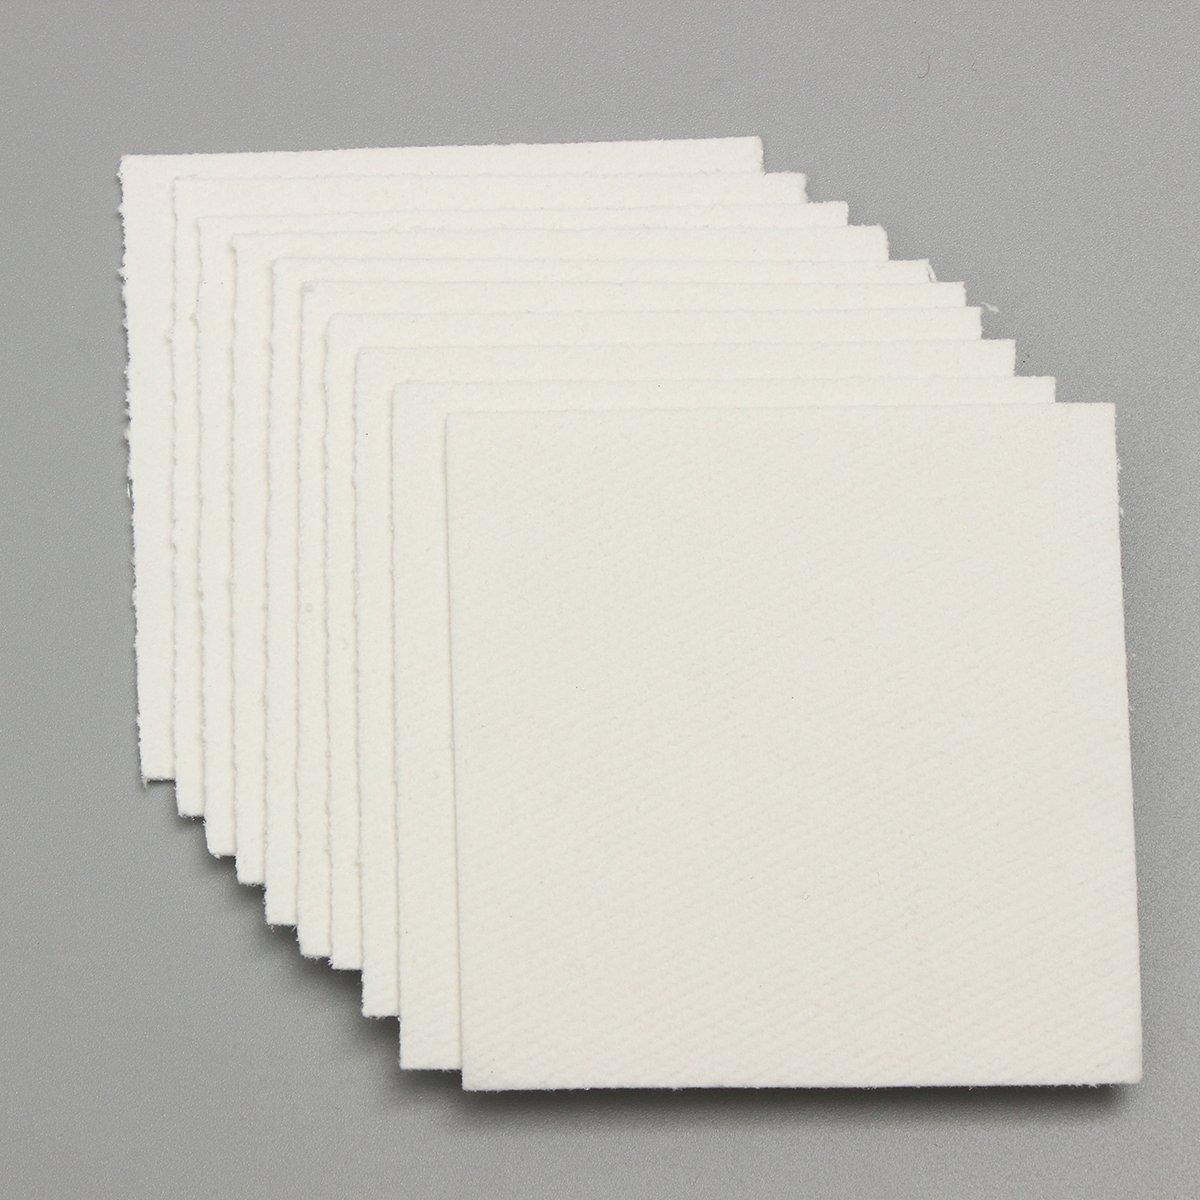 QIZIANG Mikrowellenofenset 1 großer Mikrowellenofen 1 1 1 Paar weiße Baumwollhandschuhe 10 Stück Trägerpapier Hot B07Q39SWT3 Multifunktionswerkzeuge Neu ff633a